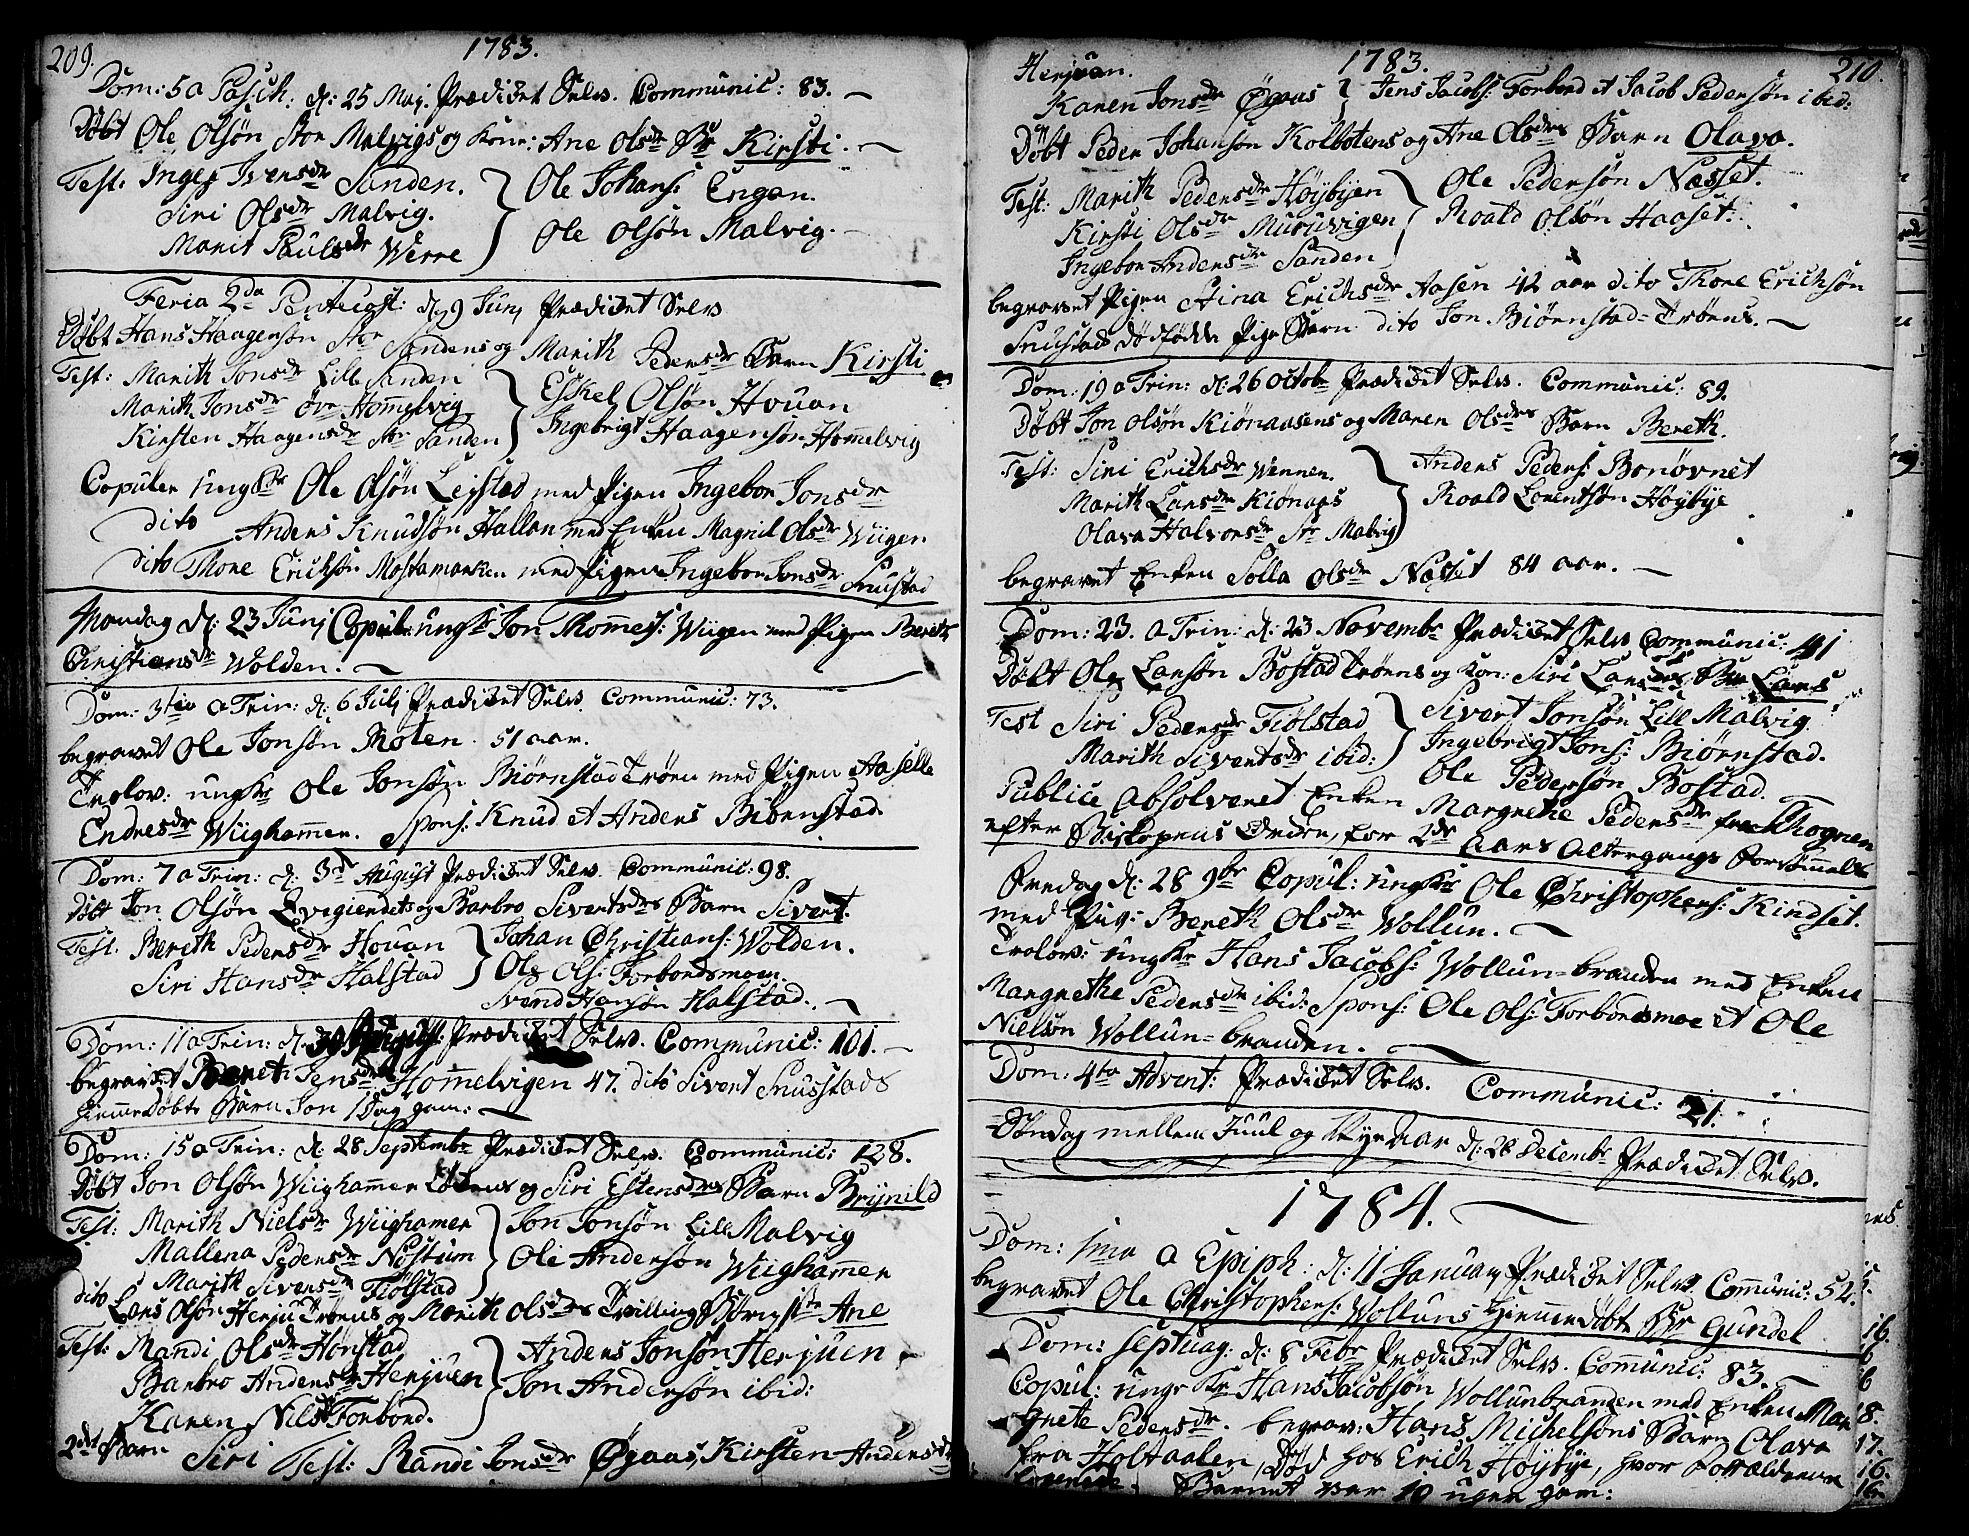 SAT, Ministerialprotokoller, klokkerbøker og fødselsregistre - Sør-Trøndelag, 606/L0281: Ministerialbok nr. 606A02 /2, 1781-1817, s. 209-210